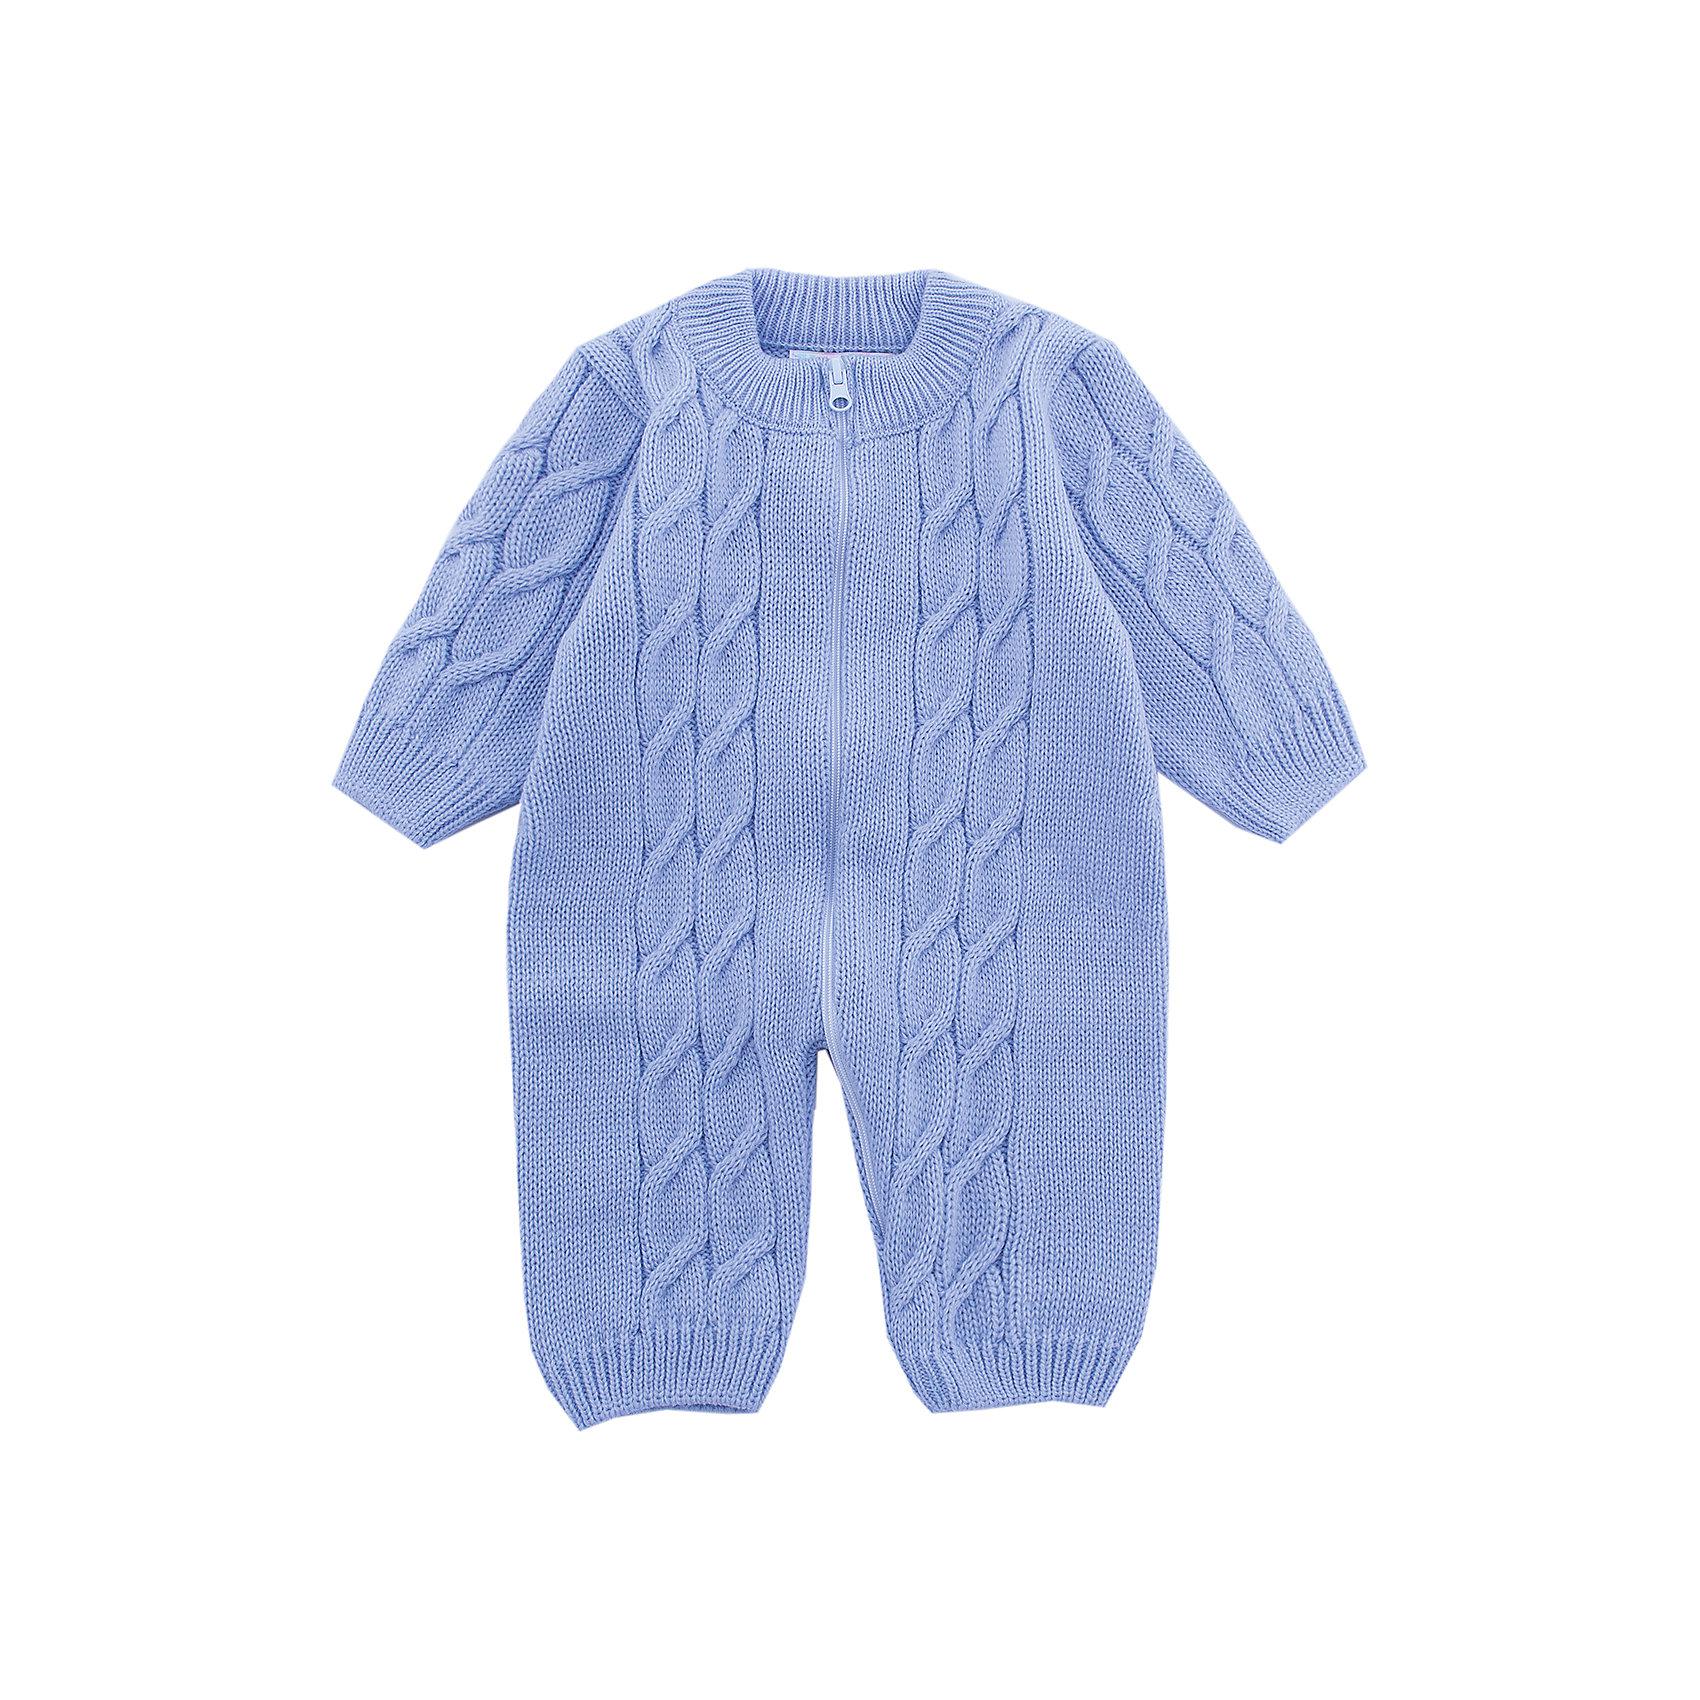 Комбинезон  Москва Уси-Пуси для мальчикаКомбинезоны<br>Характеристики товара:<br><br>• цвет: голубой;<br>• ткань: вязаная;<br>• пол: мальчик;<br>• состав ткани: 50% шерсть, 50% пан;<br>• вид застежки: на молнии;<br>• особенности модели: вязаная, с узором;<br>• сезон: демисезон;<br>• страна бренда: Россия;<br>• страна изготовитель: Россия.<br><br>Вязаный комбинезон «Москва»  изготовлен из полушерстяной пряжи и украшен объемным рисунком «косички», для удобства одевания молния расстегивает комбинезон полностью включая часть ножки.<br><br>Комбинезон с открытыми ручками и ножками подойдет для любого времени года: его можно носить как летом, так и зимой. Наличие шерсти в составе ткани делает комбинезон очень теплым, поэтому даже в холодное время года ребенку в нем будет комфортно.<br><br>Комбинезон «Москва» Уси-Пуси для мальчика можно купить в нашем интернет-магазине.<br><br>Ширина мм: 157<br>Глубина мм: 13<br>Высота мм: 119<br>Вес г: 200<br>Цвет: голубой<br>Возраст от месяцев: 12<br>Возраст до месяцев: 15<br>Пол: Мужской<br>Возраст: Детский<br>Размер: 74/80,50/56,56/62,62/68,68/74<br>SKU: 7029680